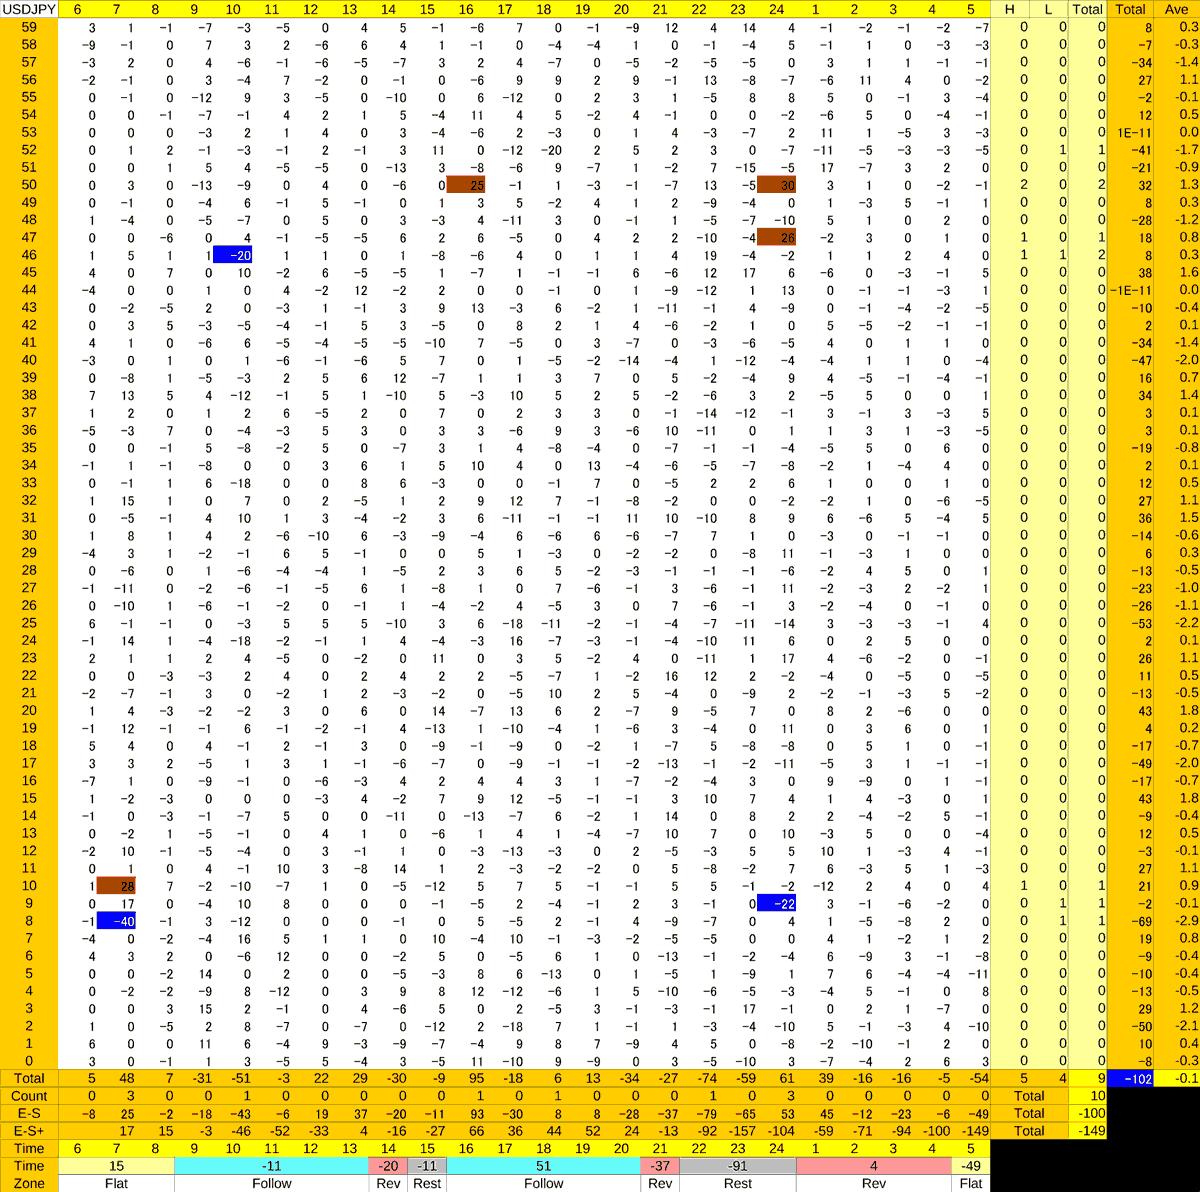 20210126_HS(1)USDJPY